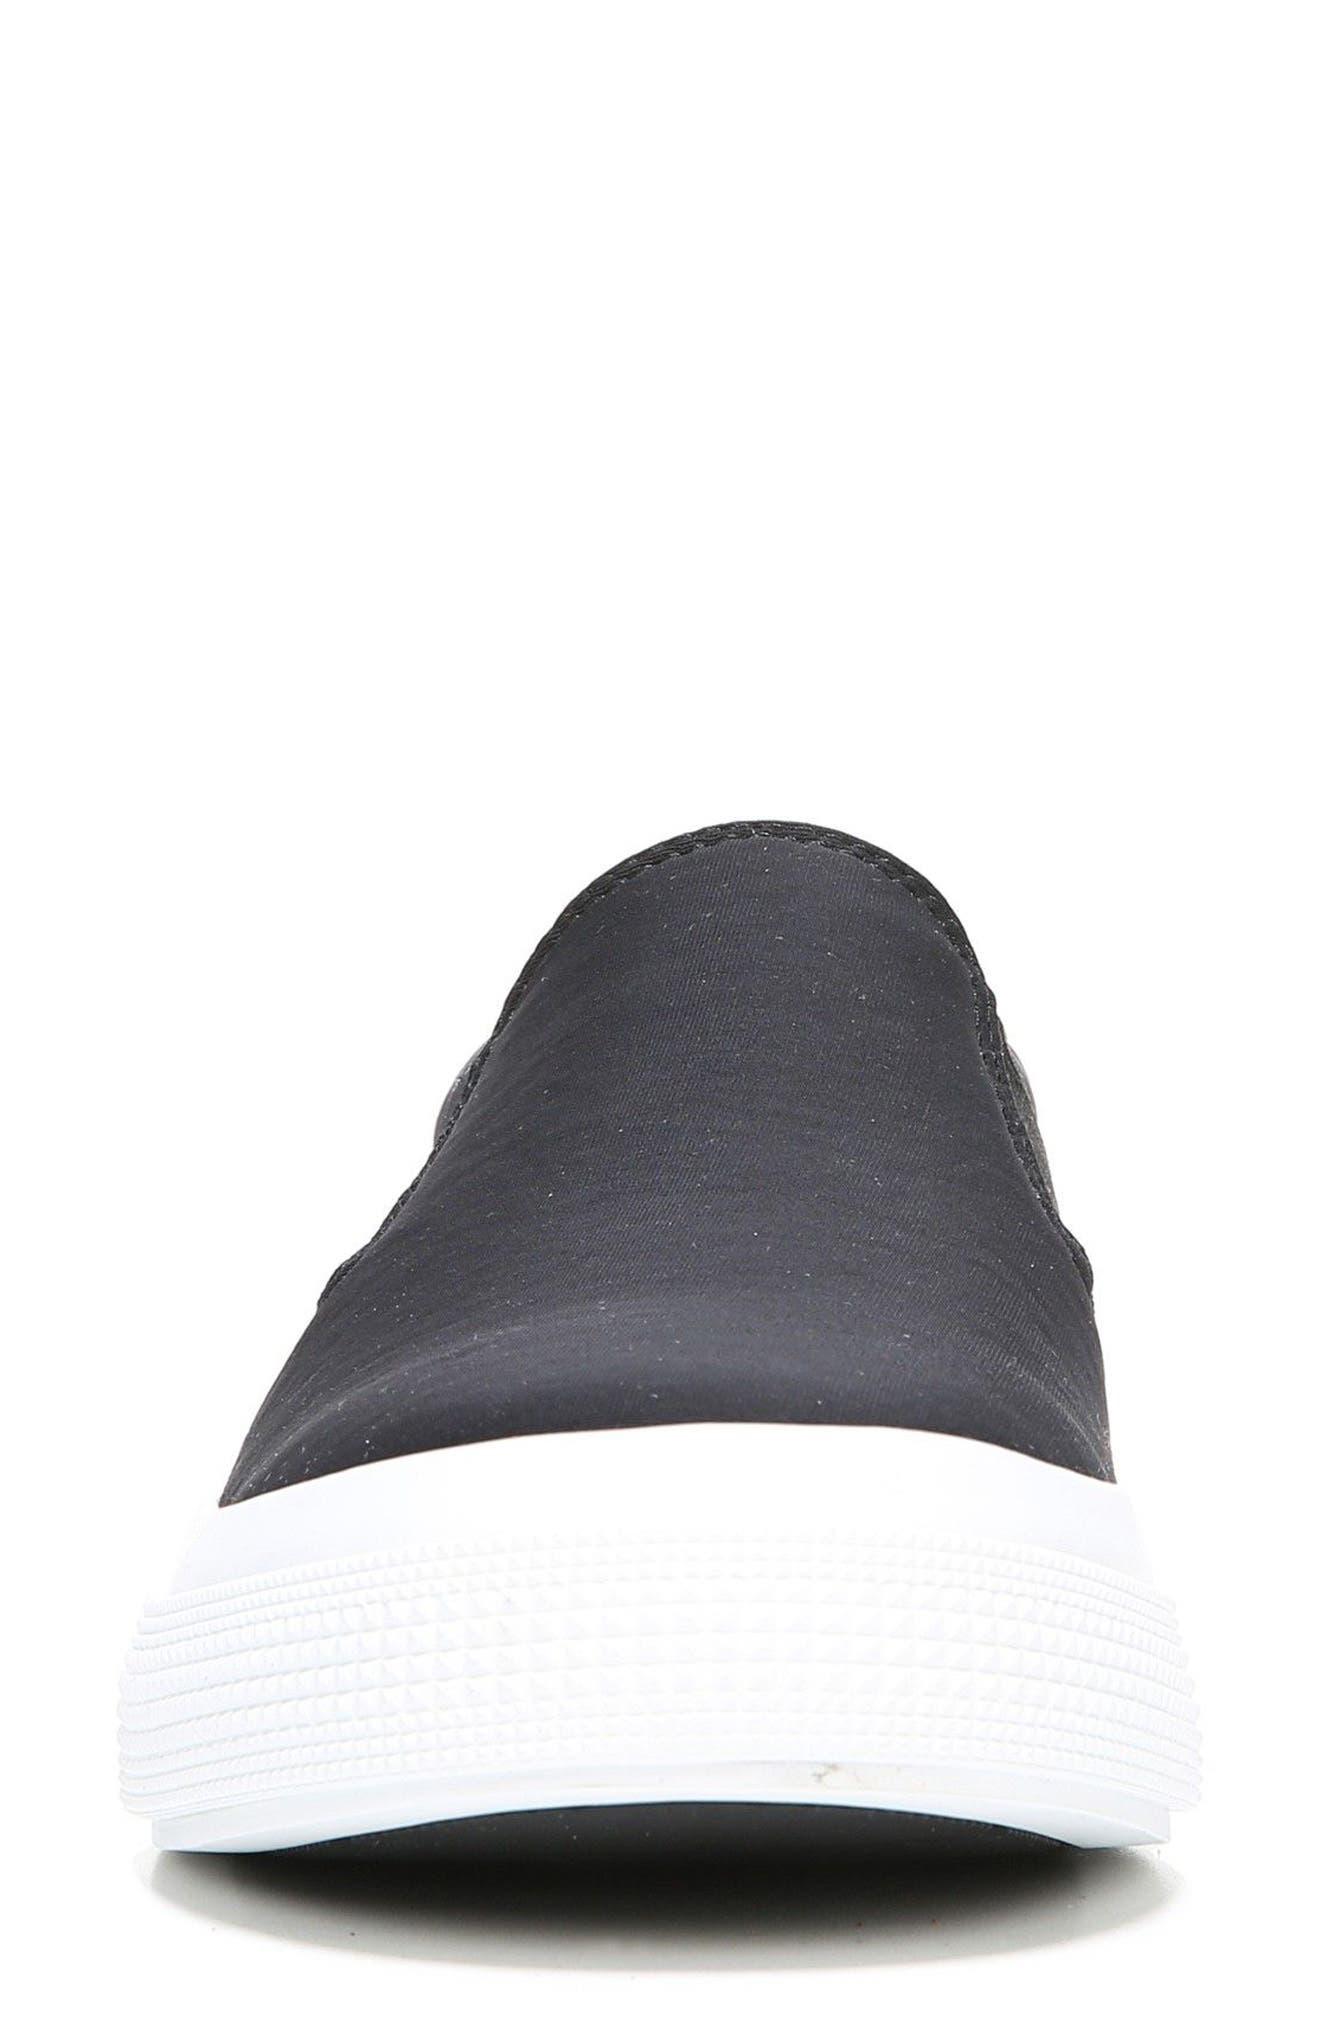 Torin Slip-On Sneaker,                             Alternate thumbnail 4, color,                             Black